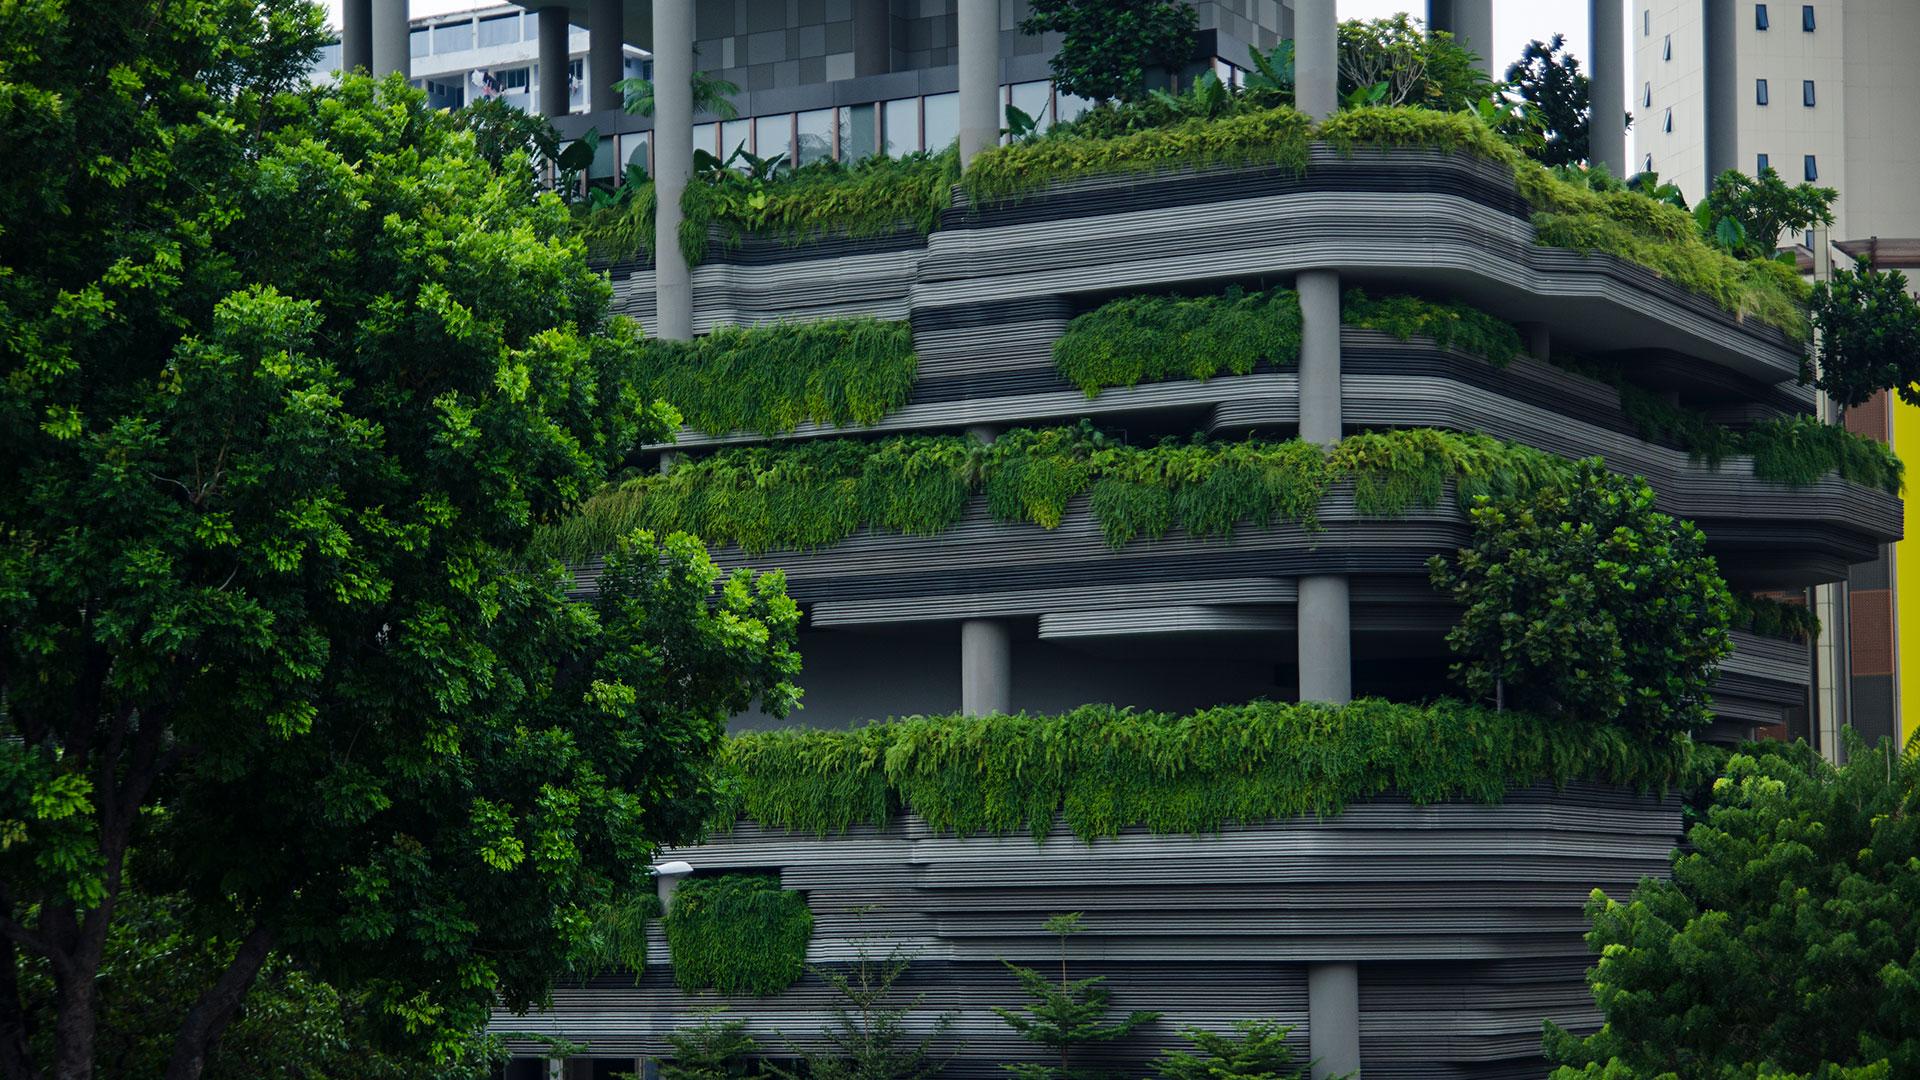 Finanzen und Finanzpolitik: Begrüntes Hochhaus